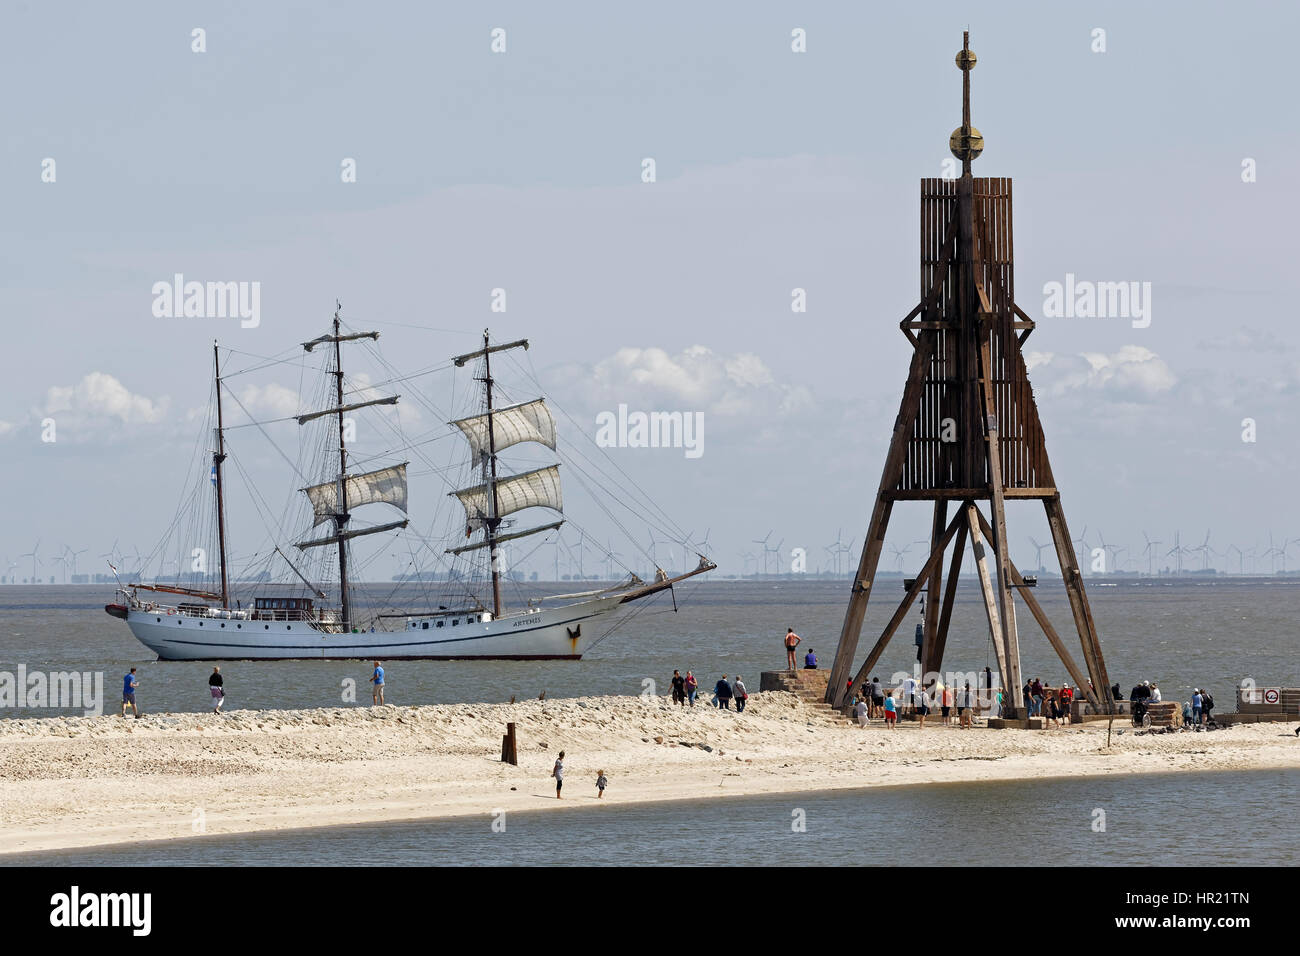 Kugelbake, Cuxhaven, Lower Saxony, Germany, Europe - Stock Image